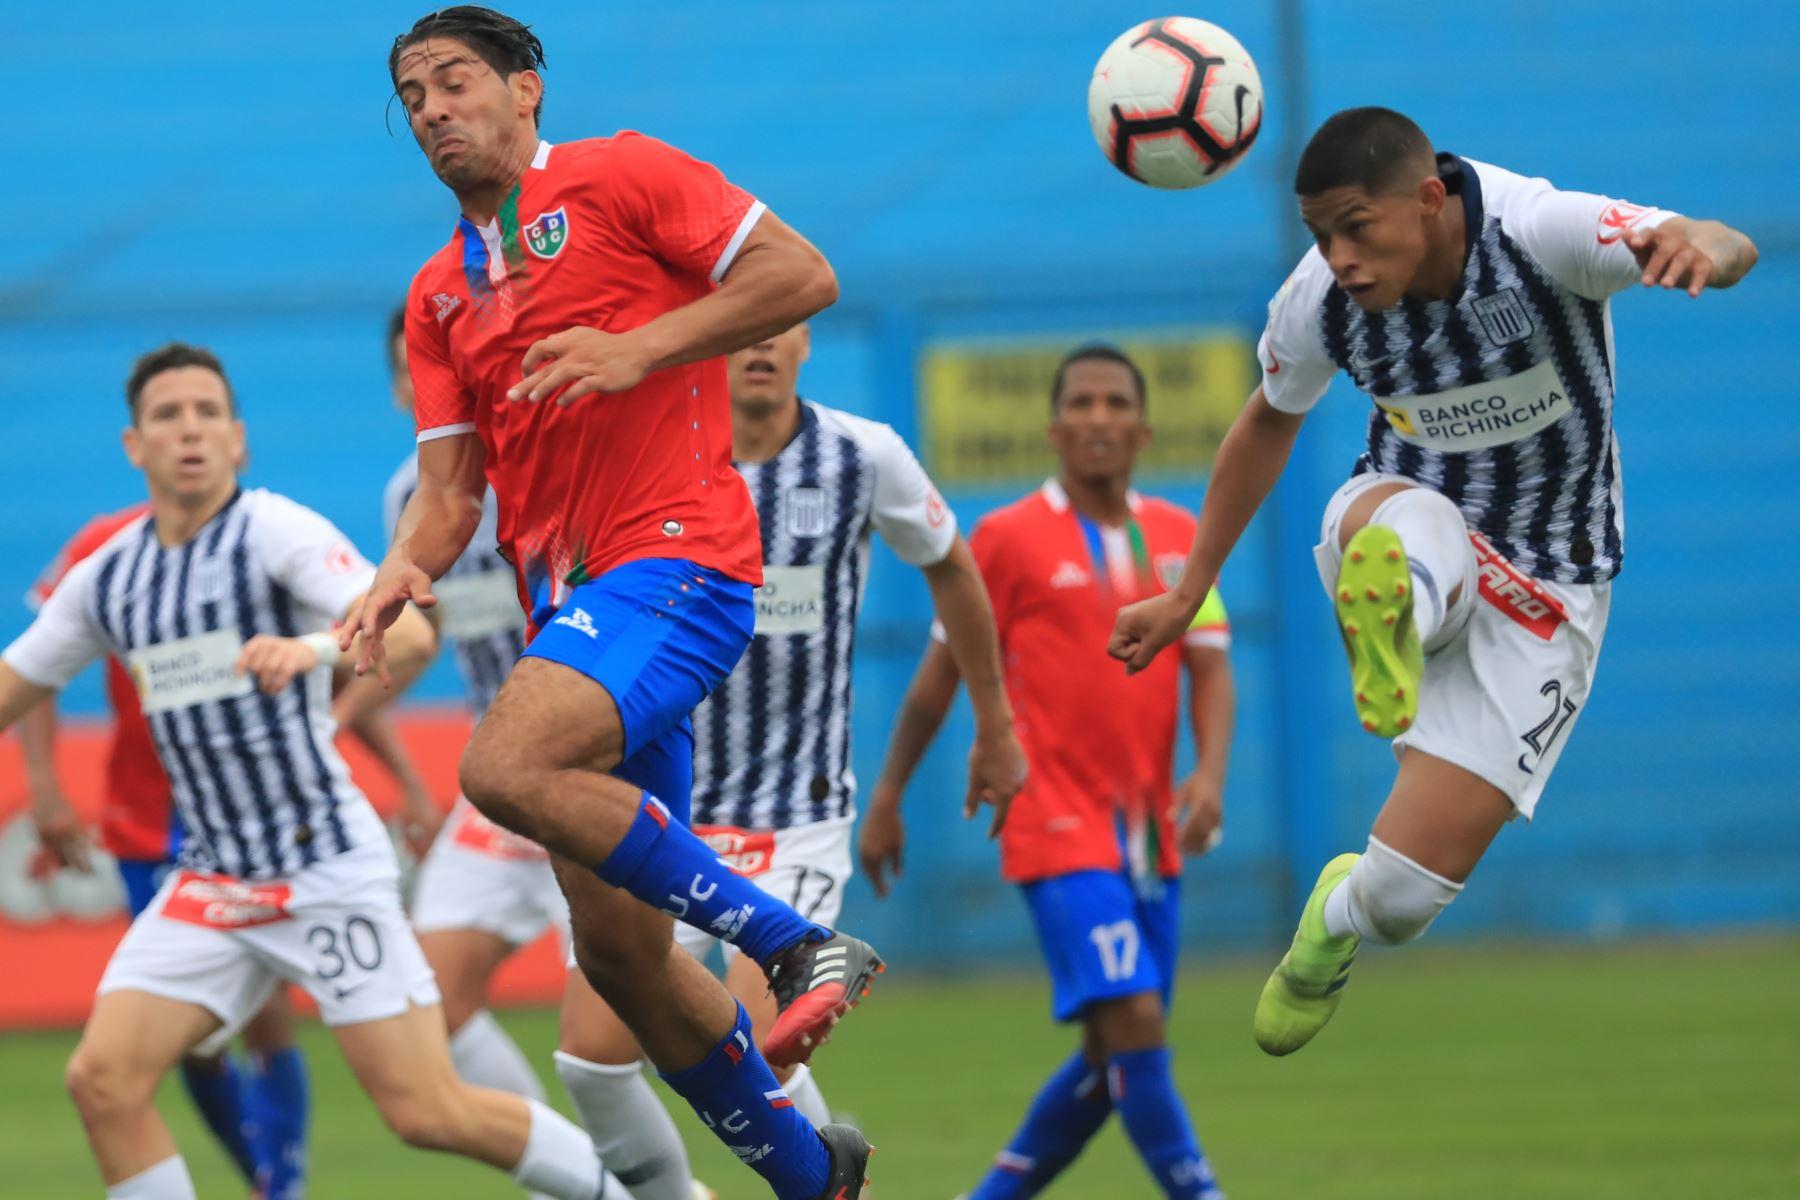 Jugador Kevin Quevedo. Alianza Lima empató 1-1 ante Unión Comercio   Foto: ANDINA/Juan Carlos Guzmán Negrini.